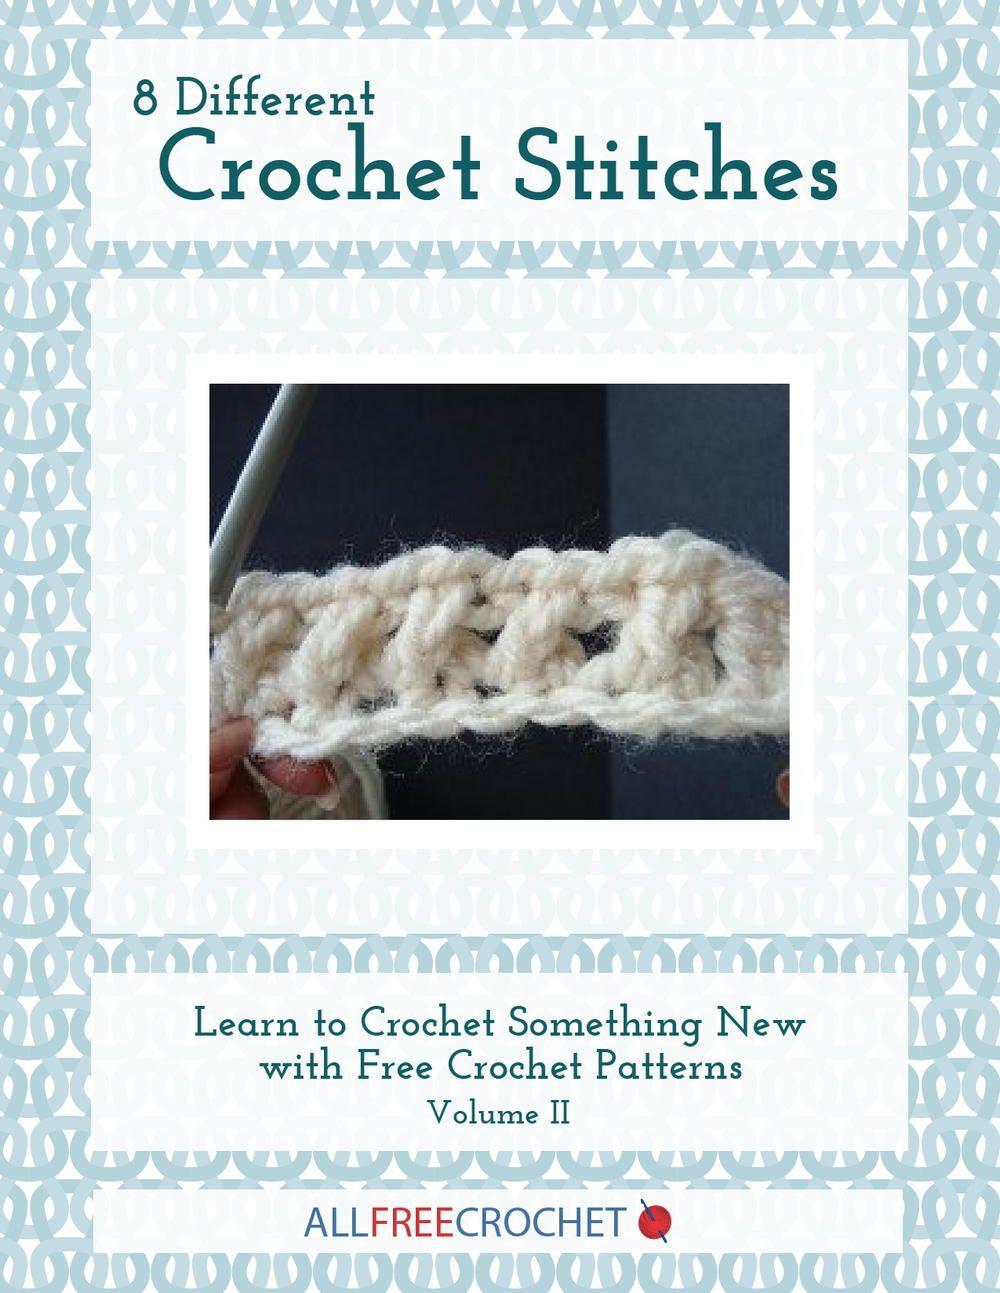 8 Different Crochet Stitches, Volume II | Pinterest | Puntos